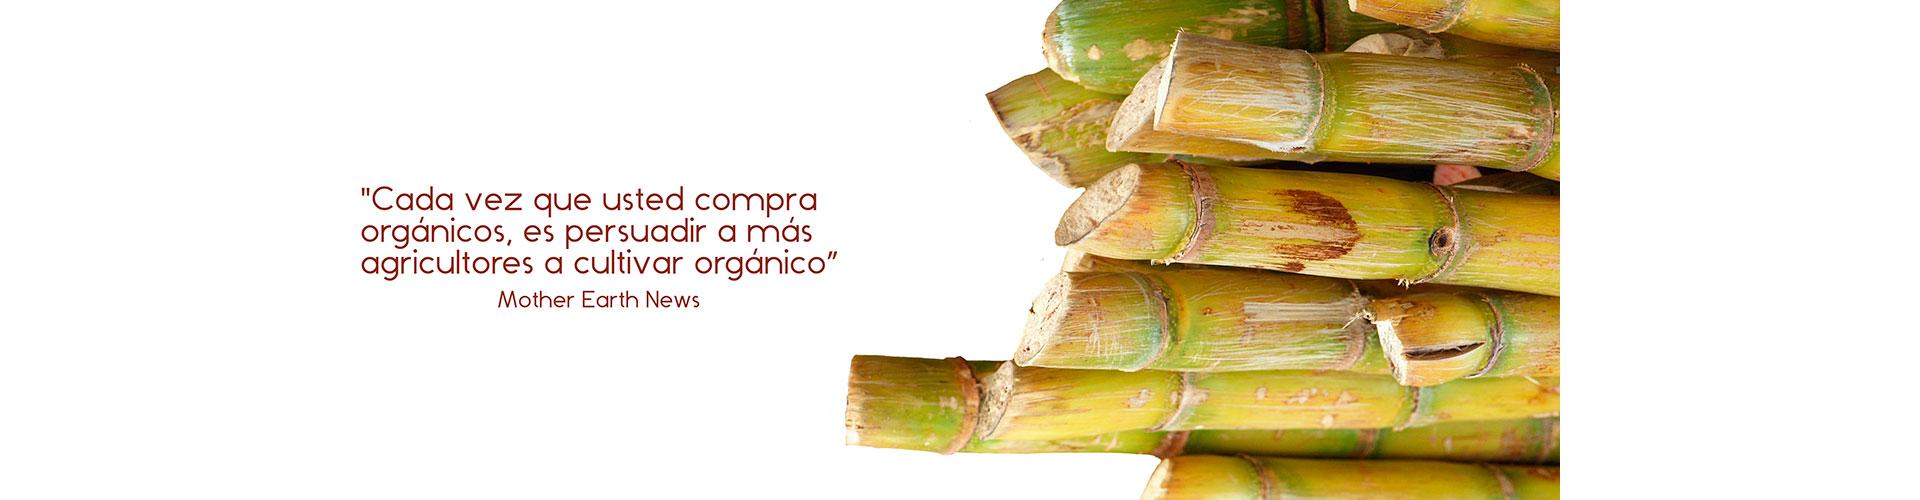 Ecorganicos de Colombia